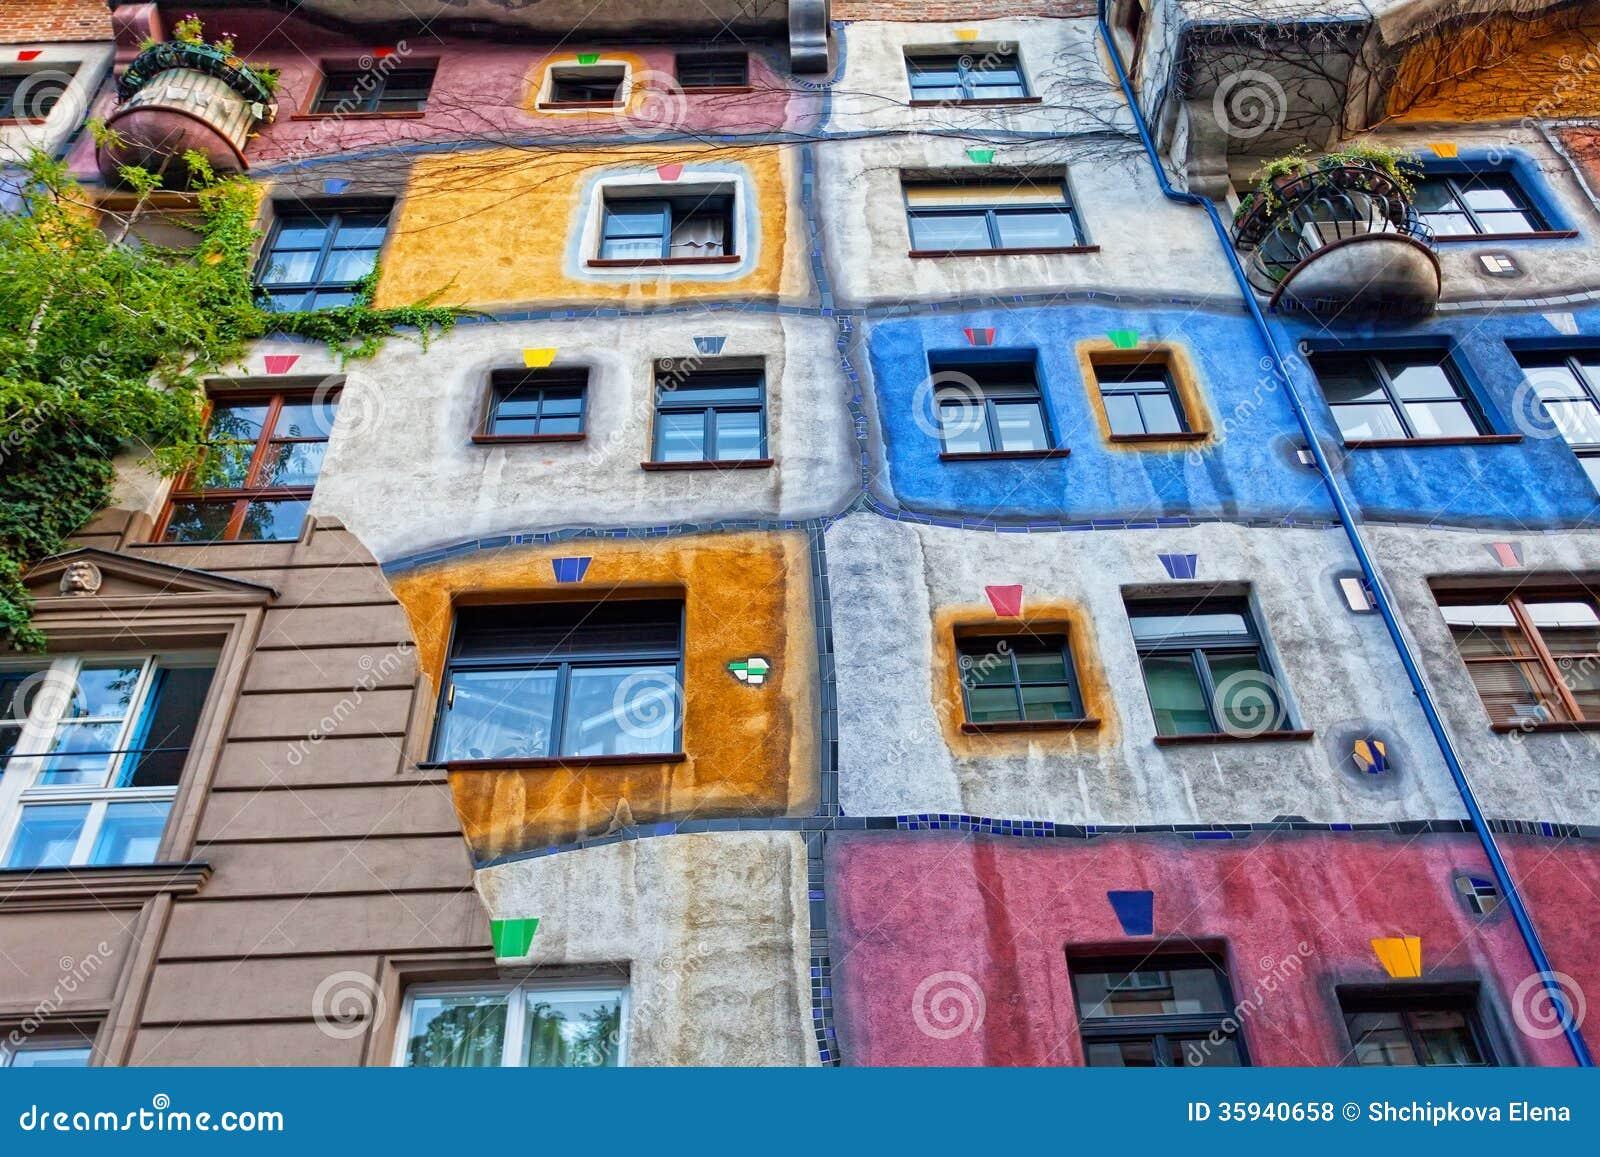 Hundertwasser haus redactionele stock foto afbeelding 35940658 - Expressionistische architectuur ...